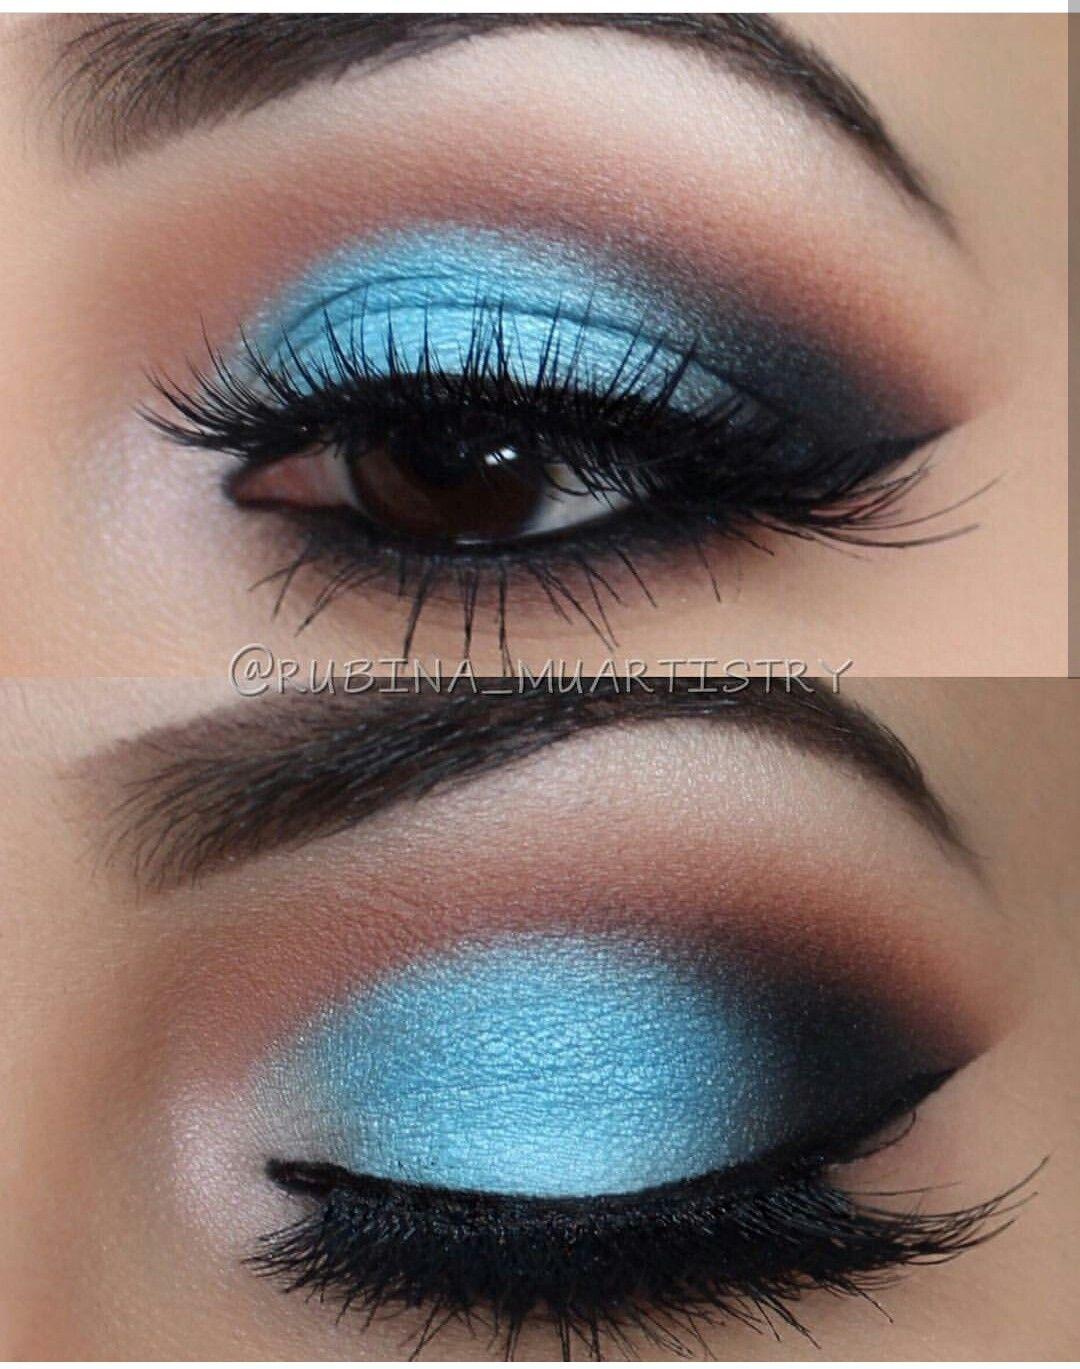 Pin by Hjordis Maria on 1. Eye makeup   Eye makeup, Makeup